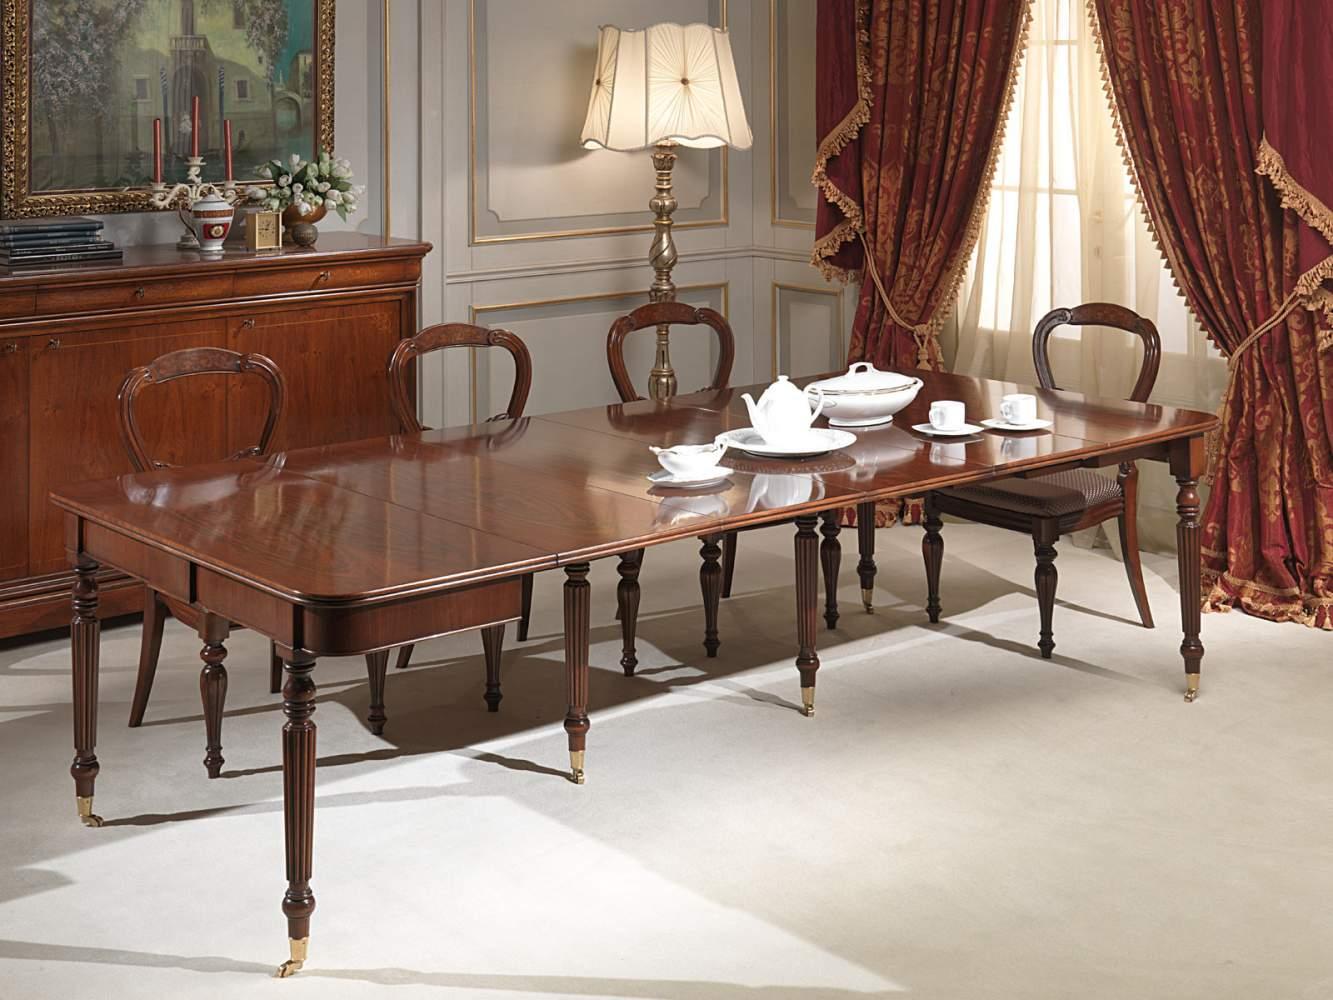 Tavolo consolle classico allungabile, completamente allungato